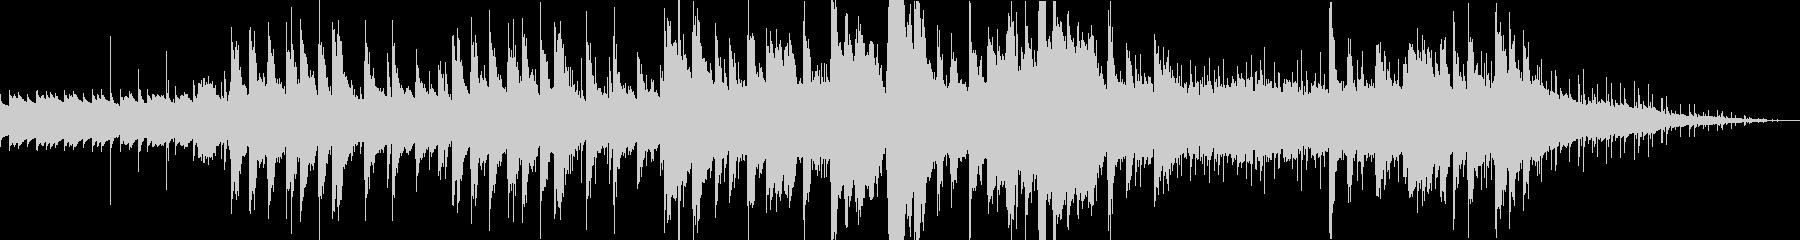 オルゴール中心のホラーBGMの未再生の波形